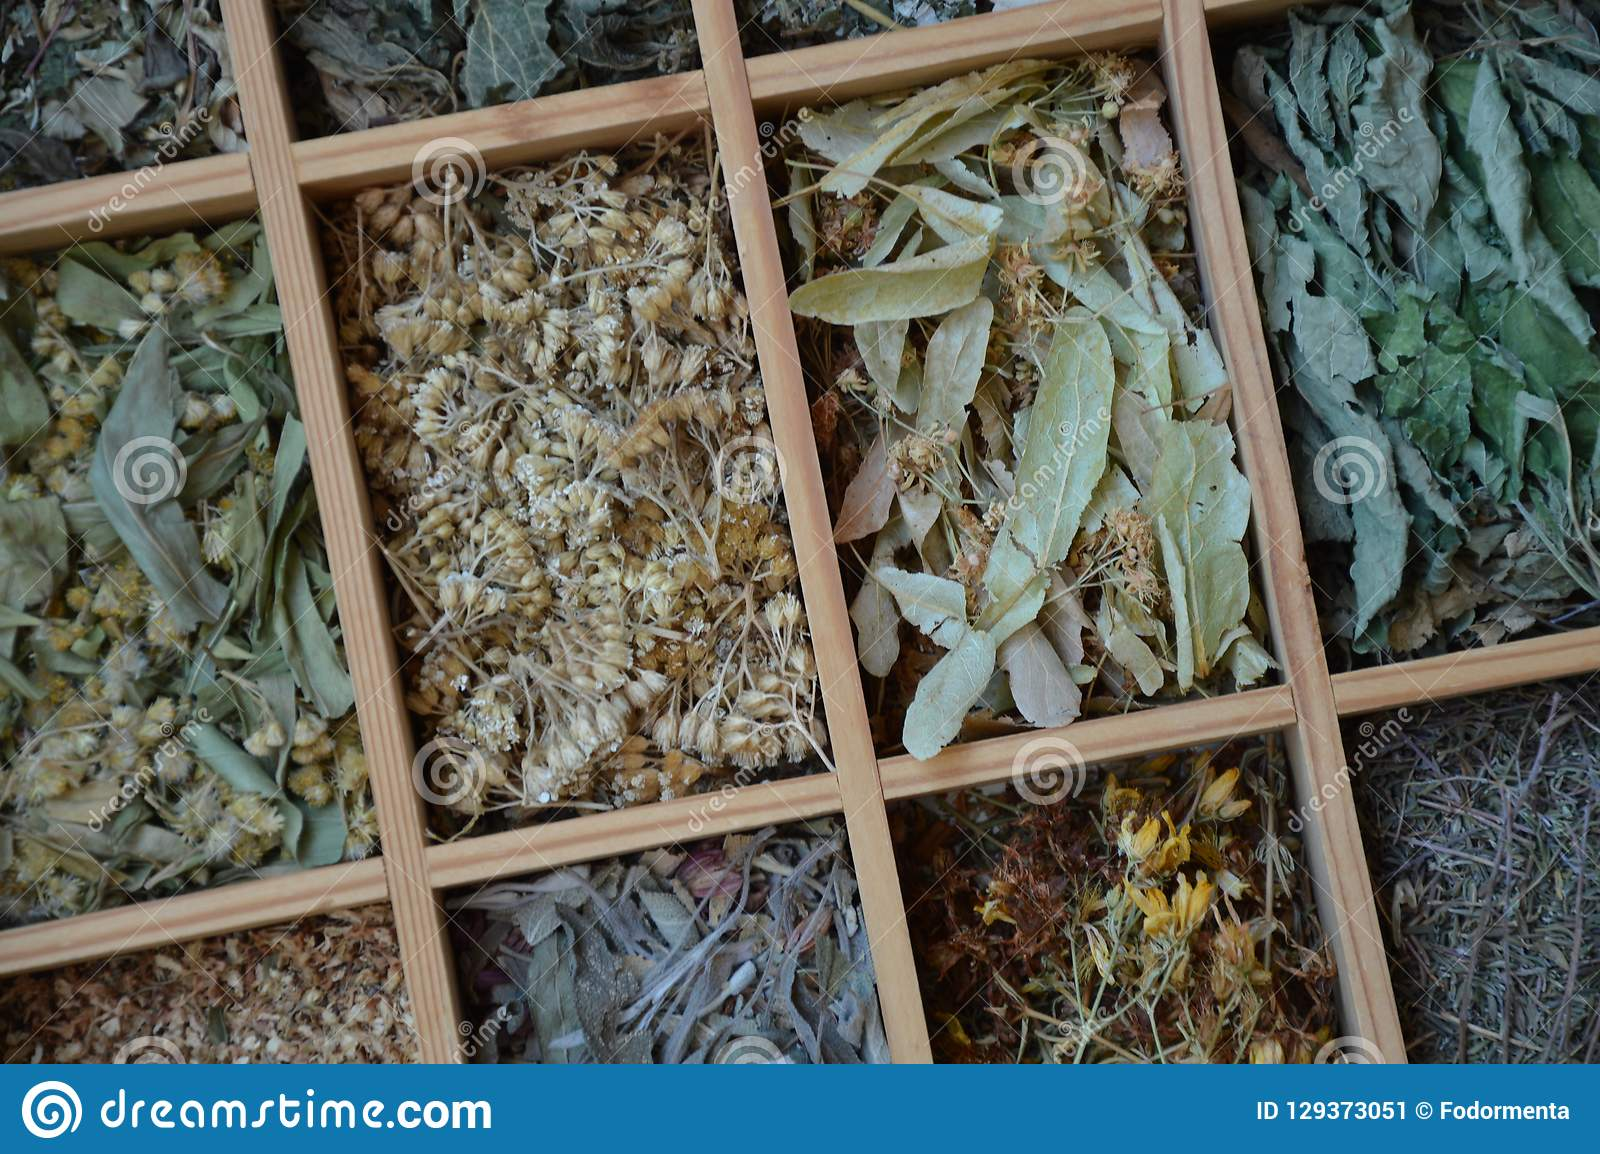 Diversas hojas de té en pequeñas cajas desde arriba